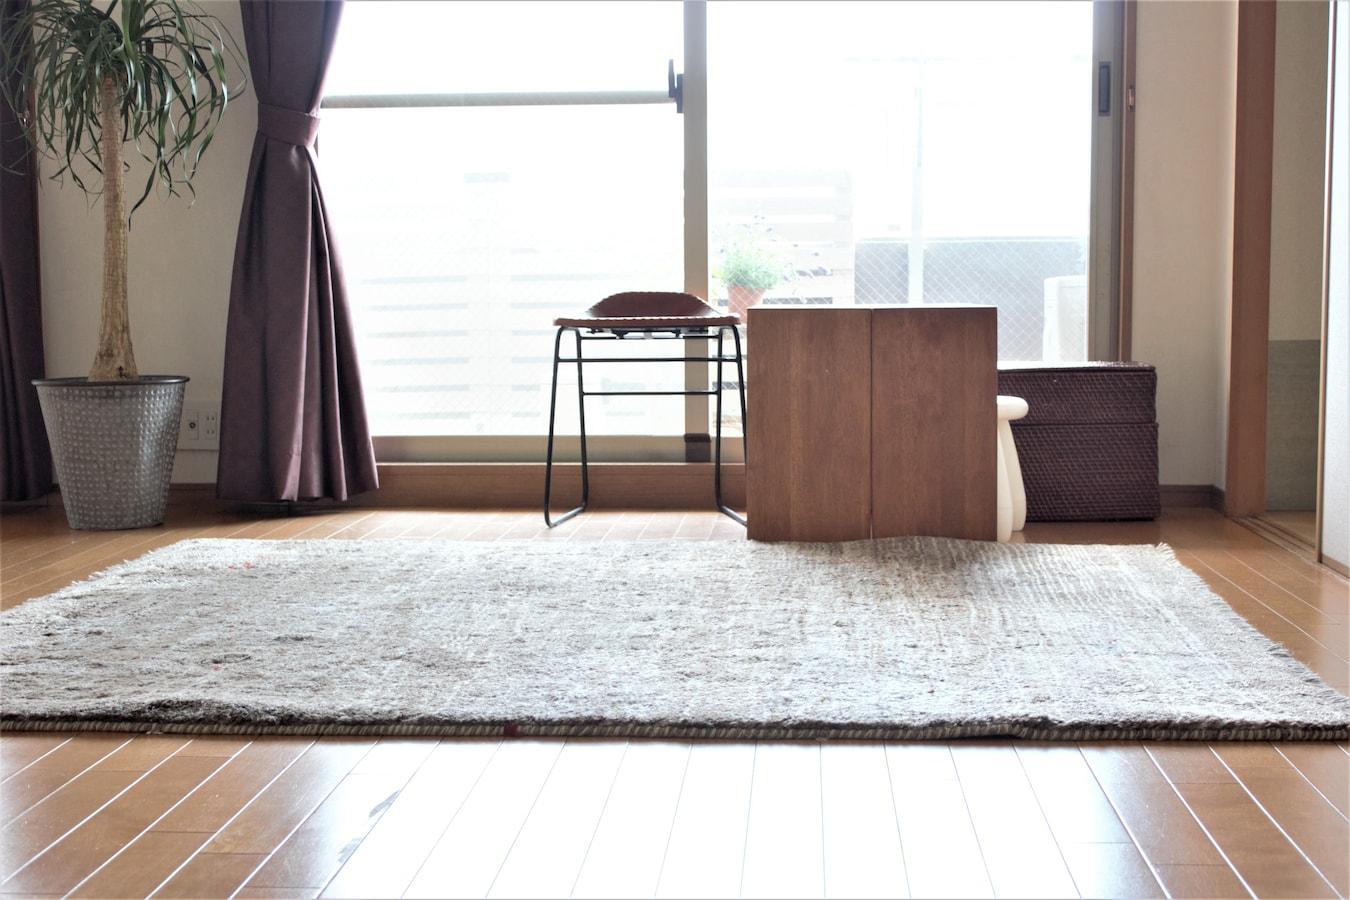 ミニマリストは家電の箱を捨てるか?説明 ...